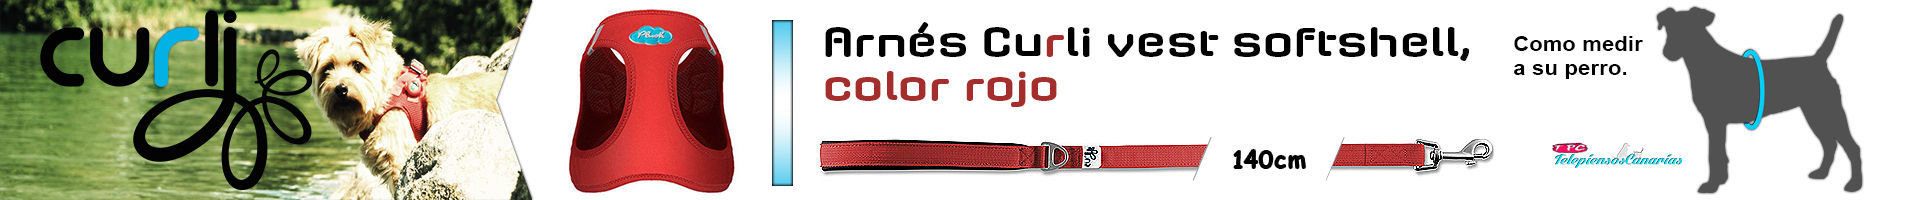 Arnés Curli vest softshell, color rojo, para perros de todas las razas